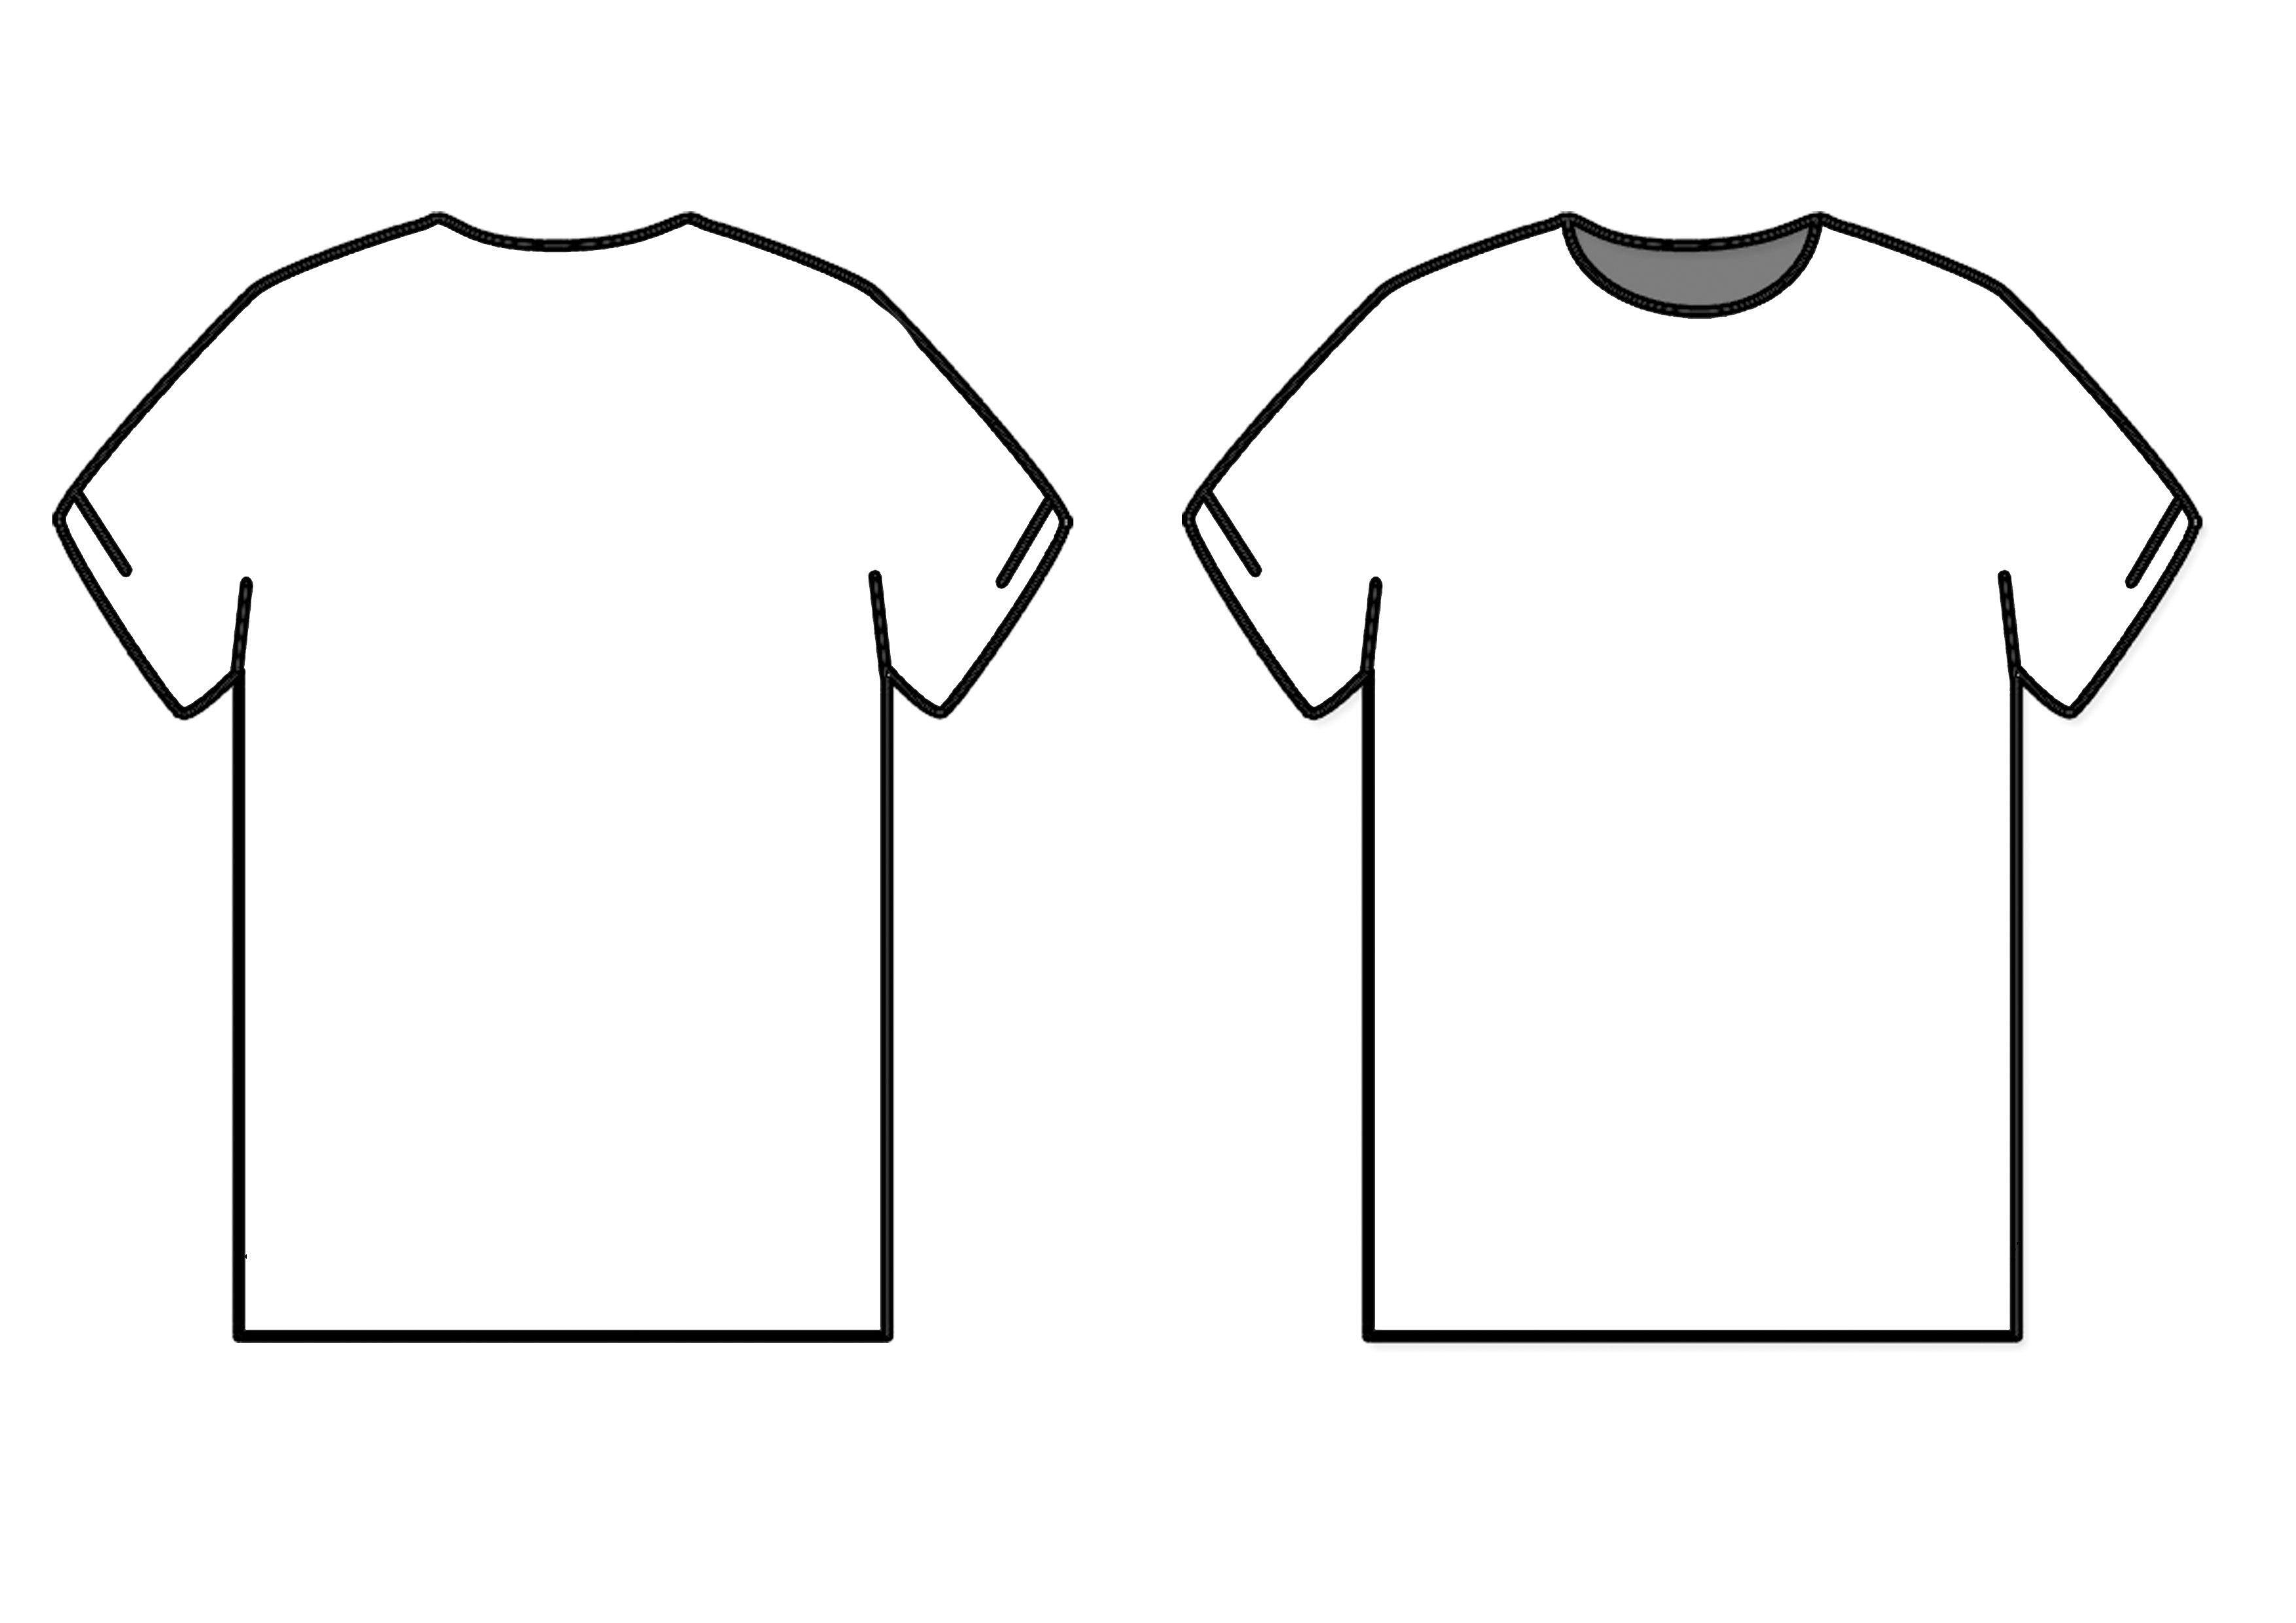 3508x2480 T Shirt Design Template Psd Business Template